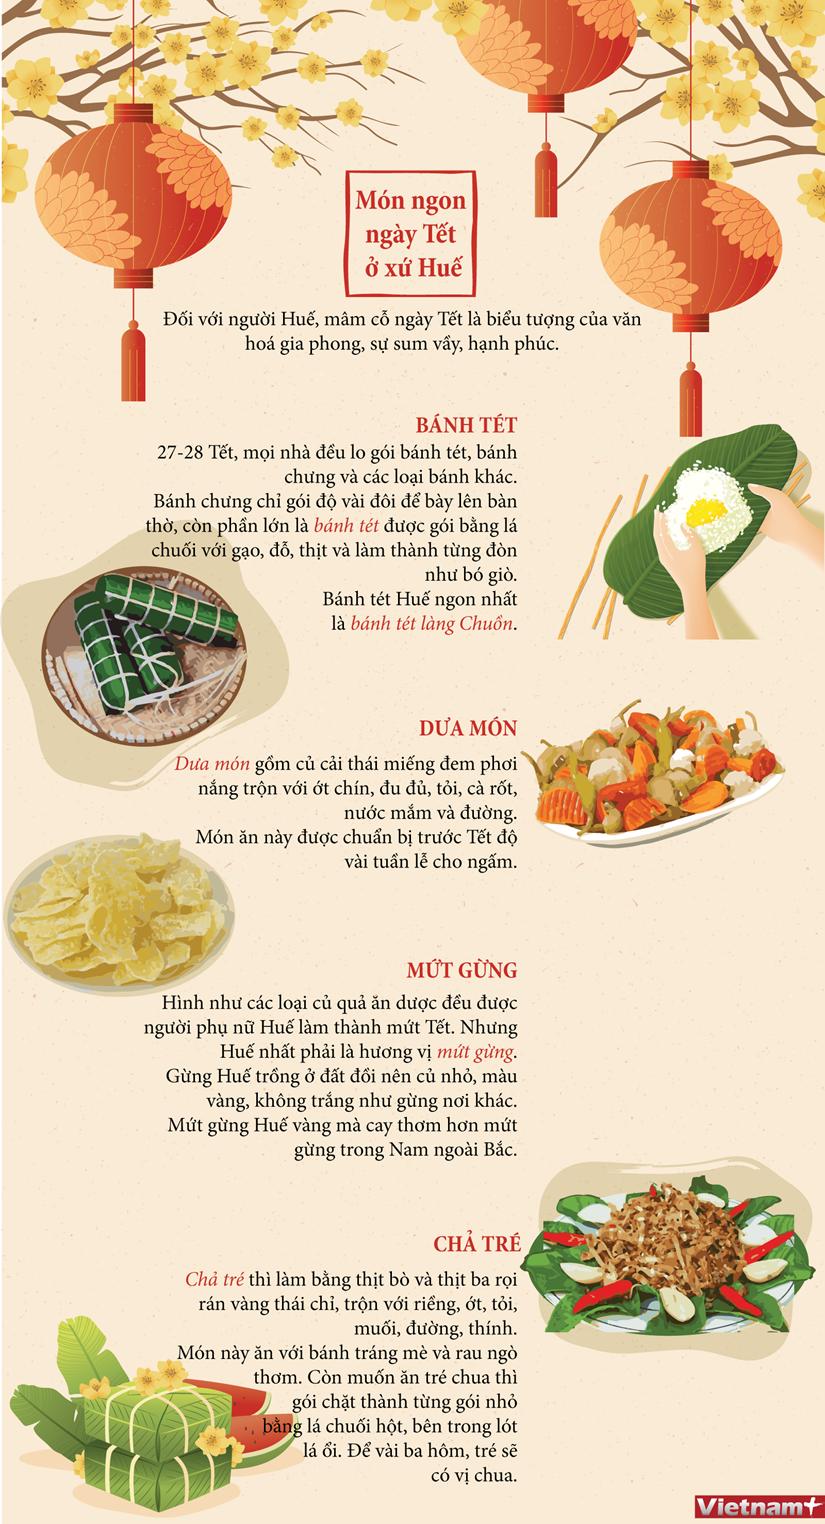 [Infographics] Nhung mon ngon ngay Tet o xu Hue hinh anh 1